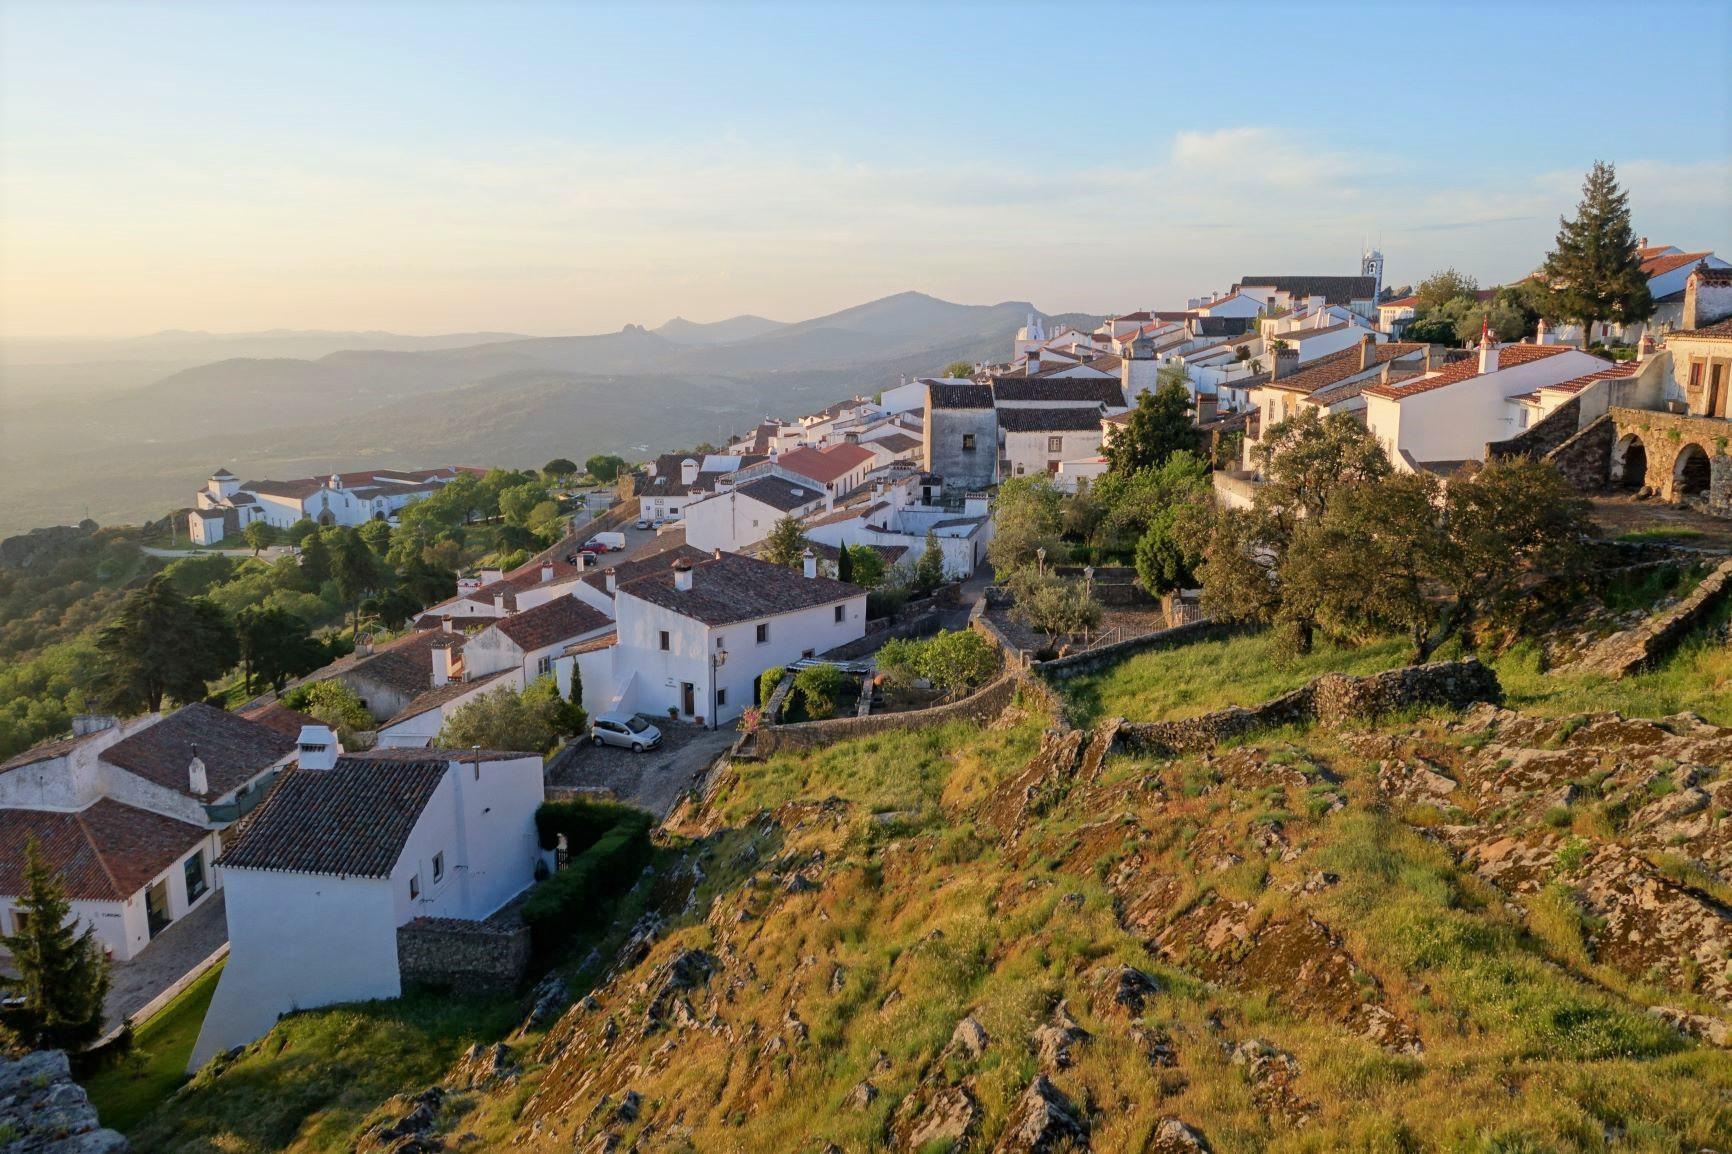 ポルトガル南部ハイキングとアレンテージョの鷲の巣村 10日間